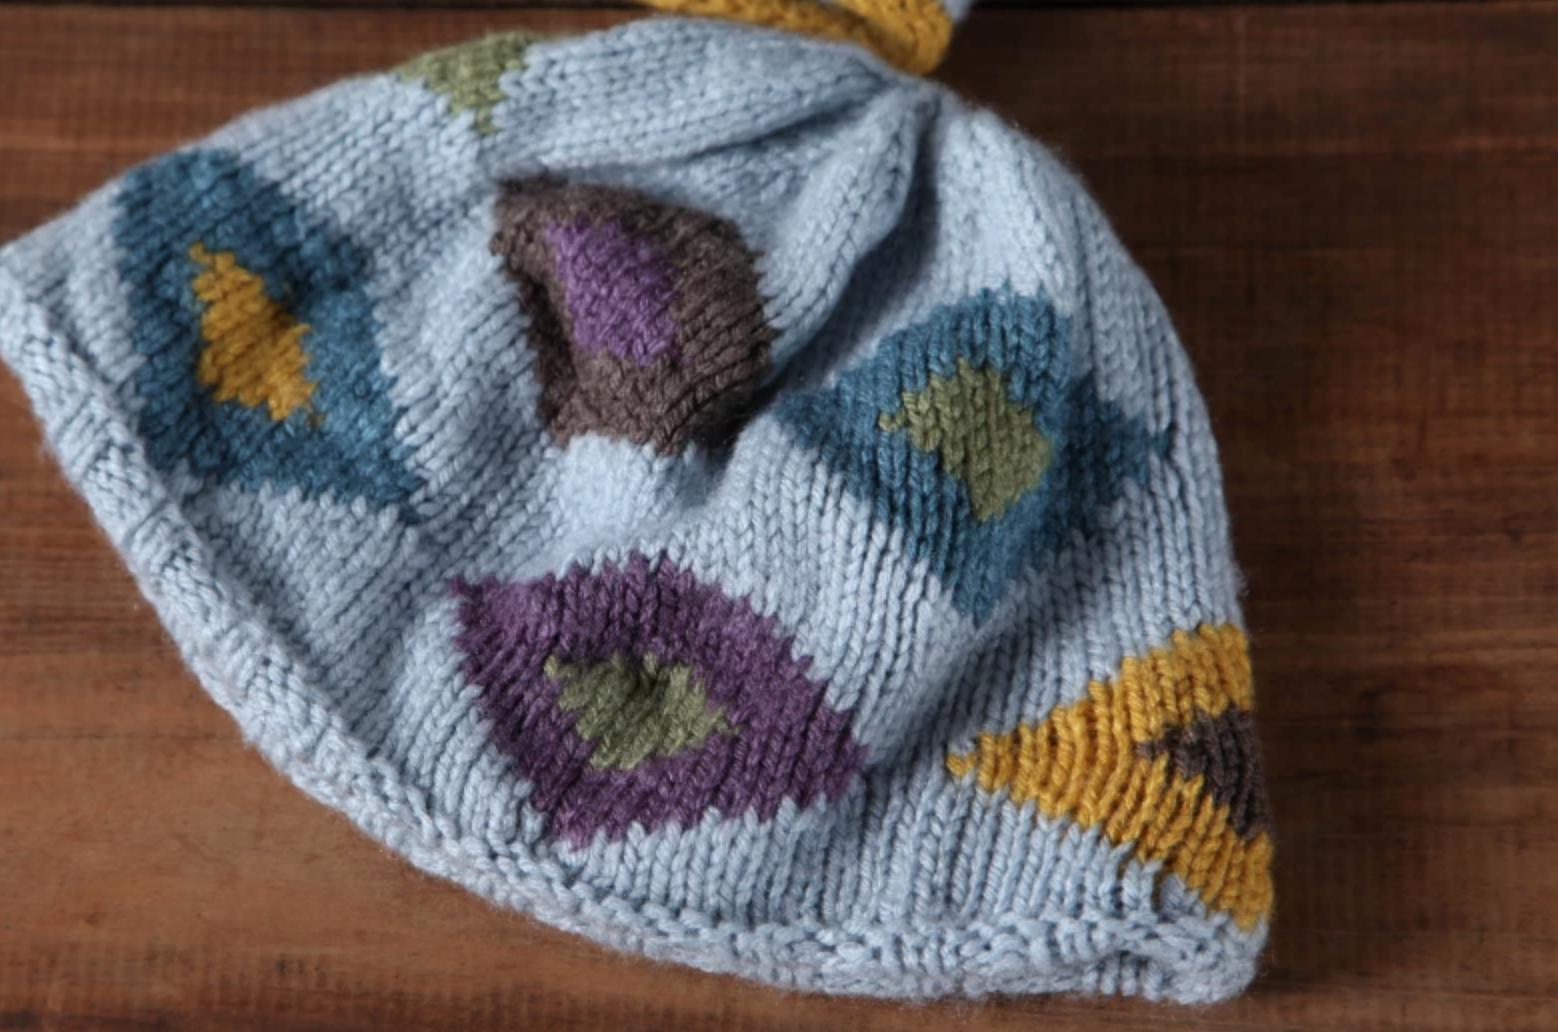 Intarsia knit hat